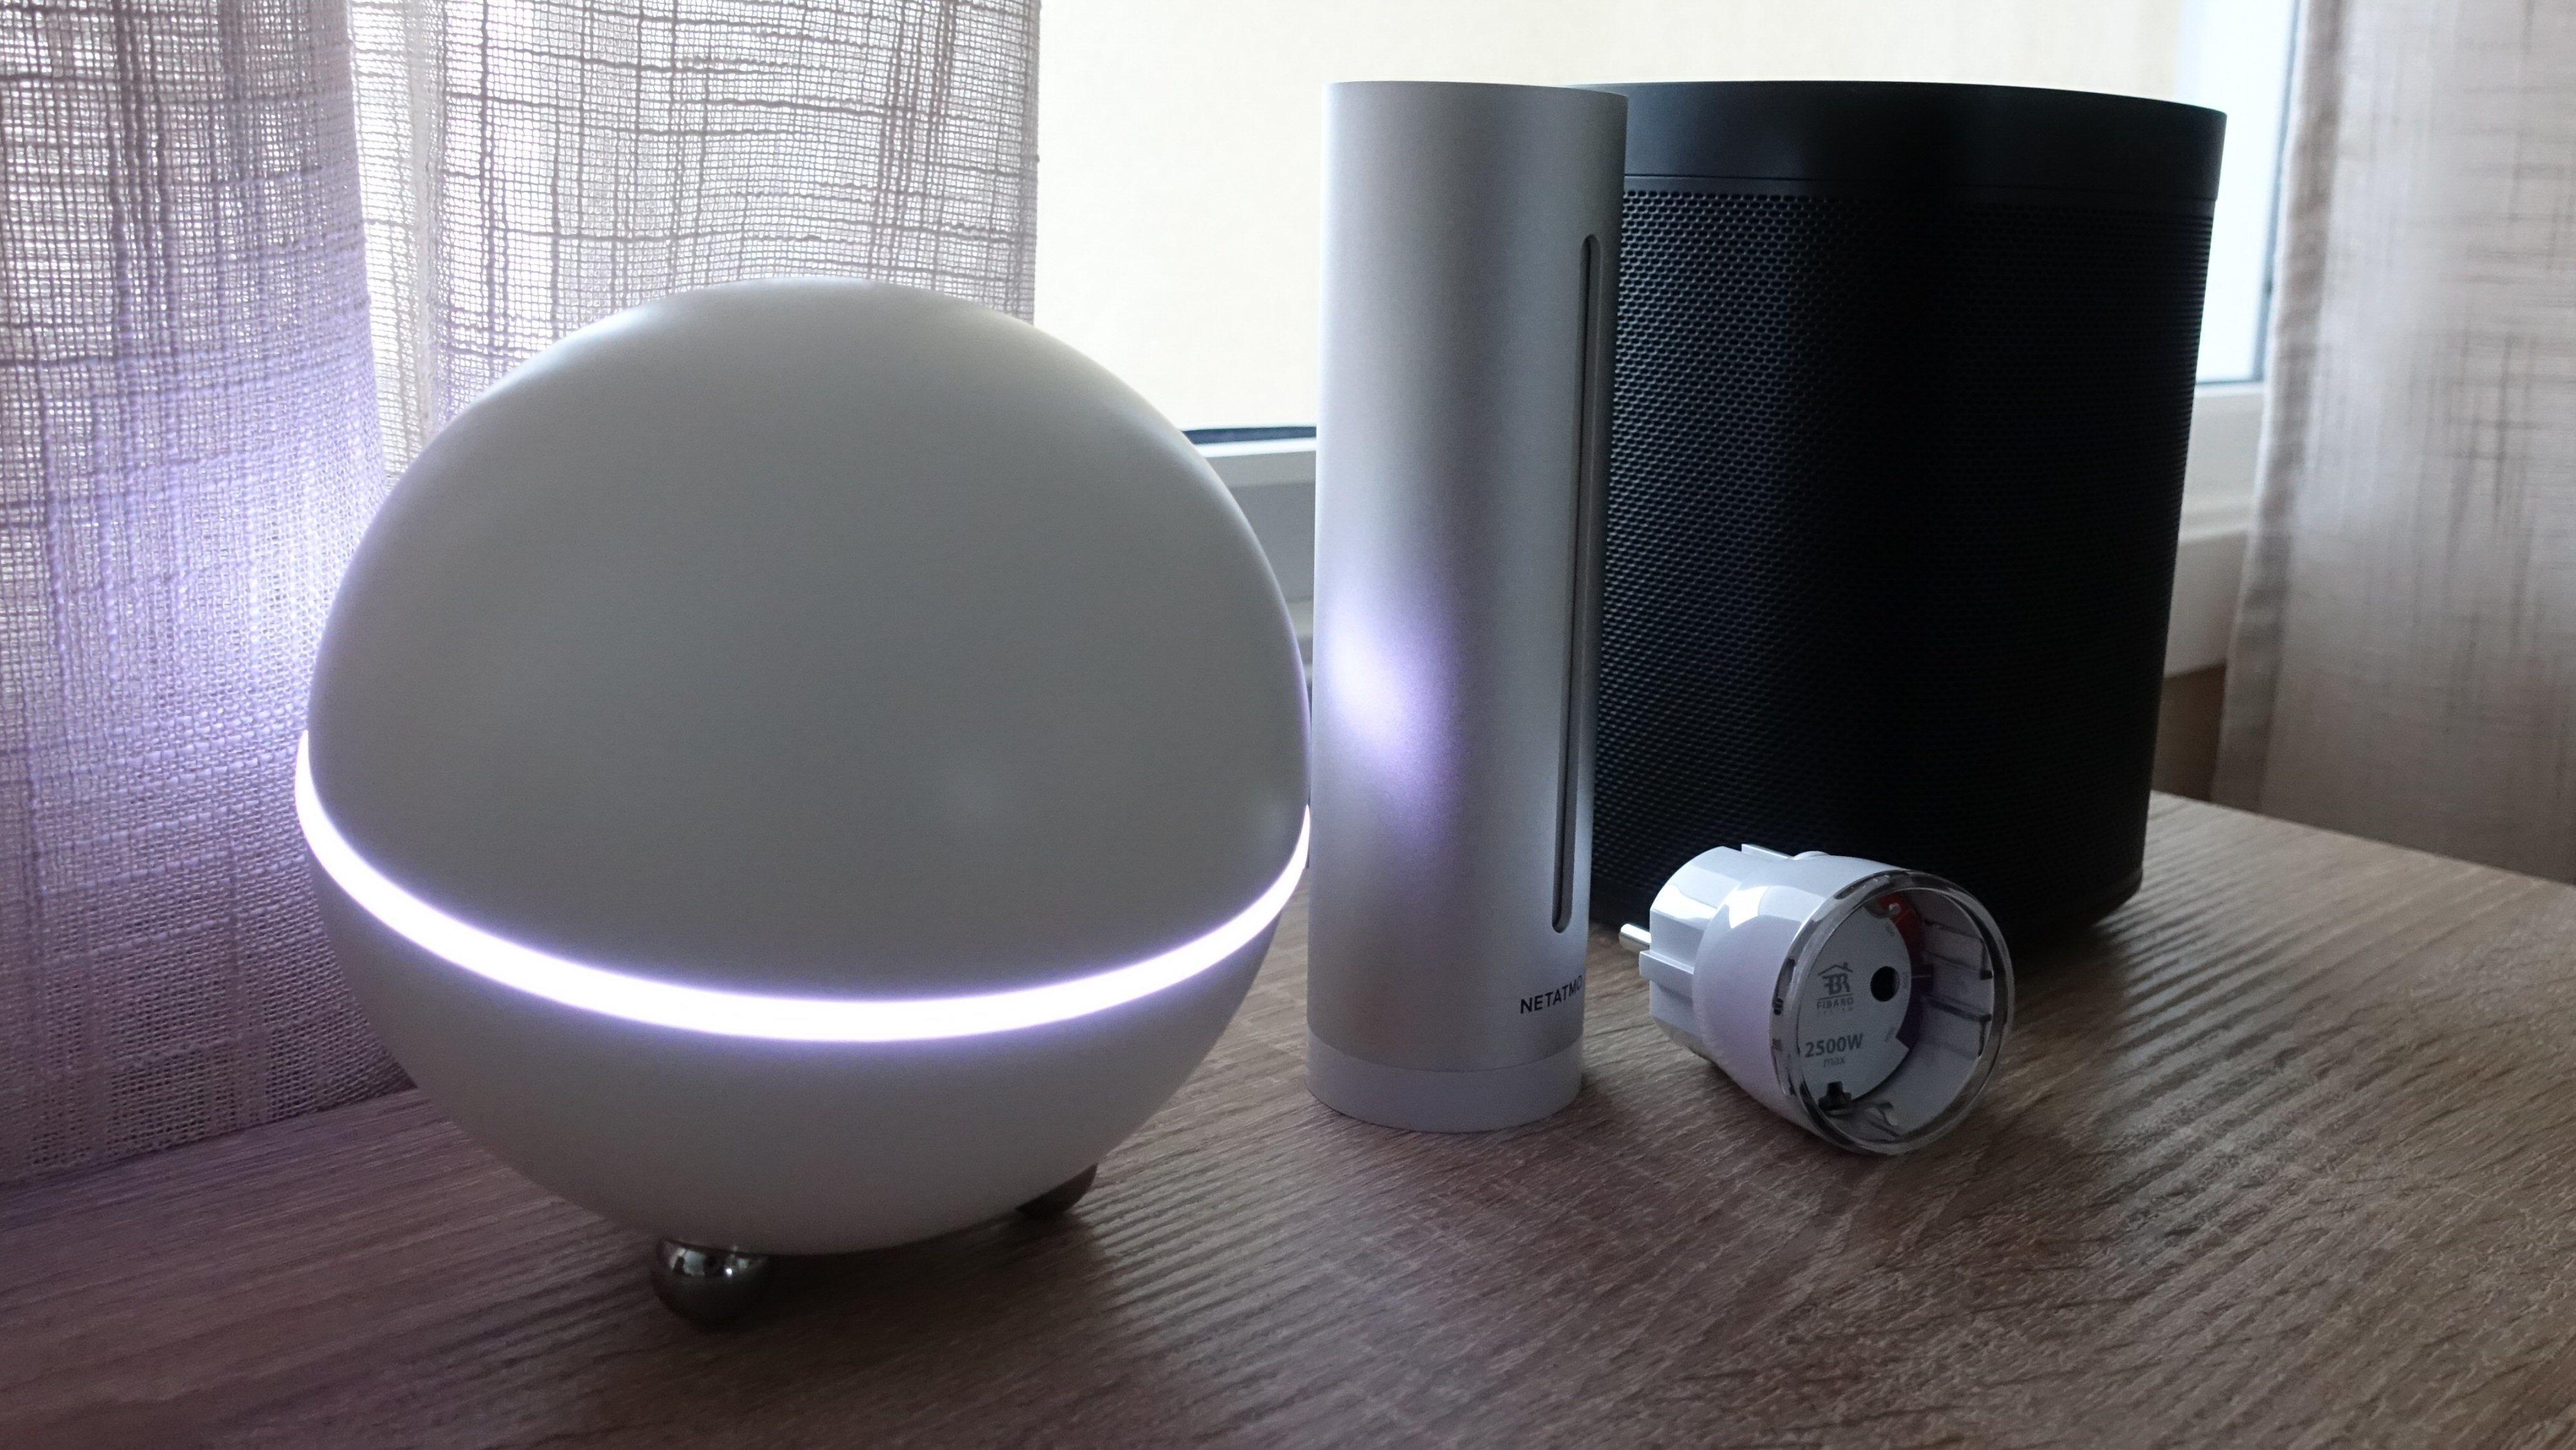 Homey og tre enheter den fungerer fint med: Netatmo værstasjon, en smart strømplugg fra Fibaro og Sonos One.